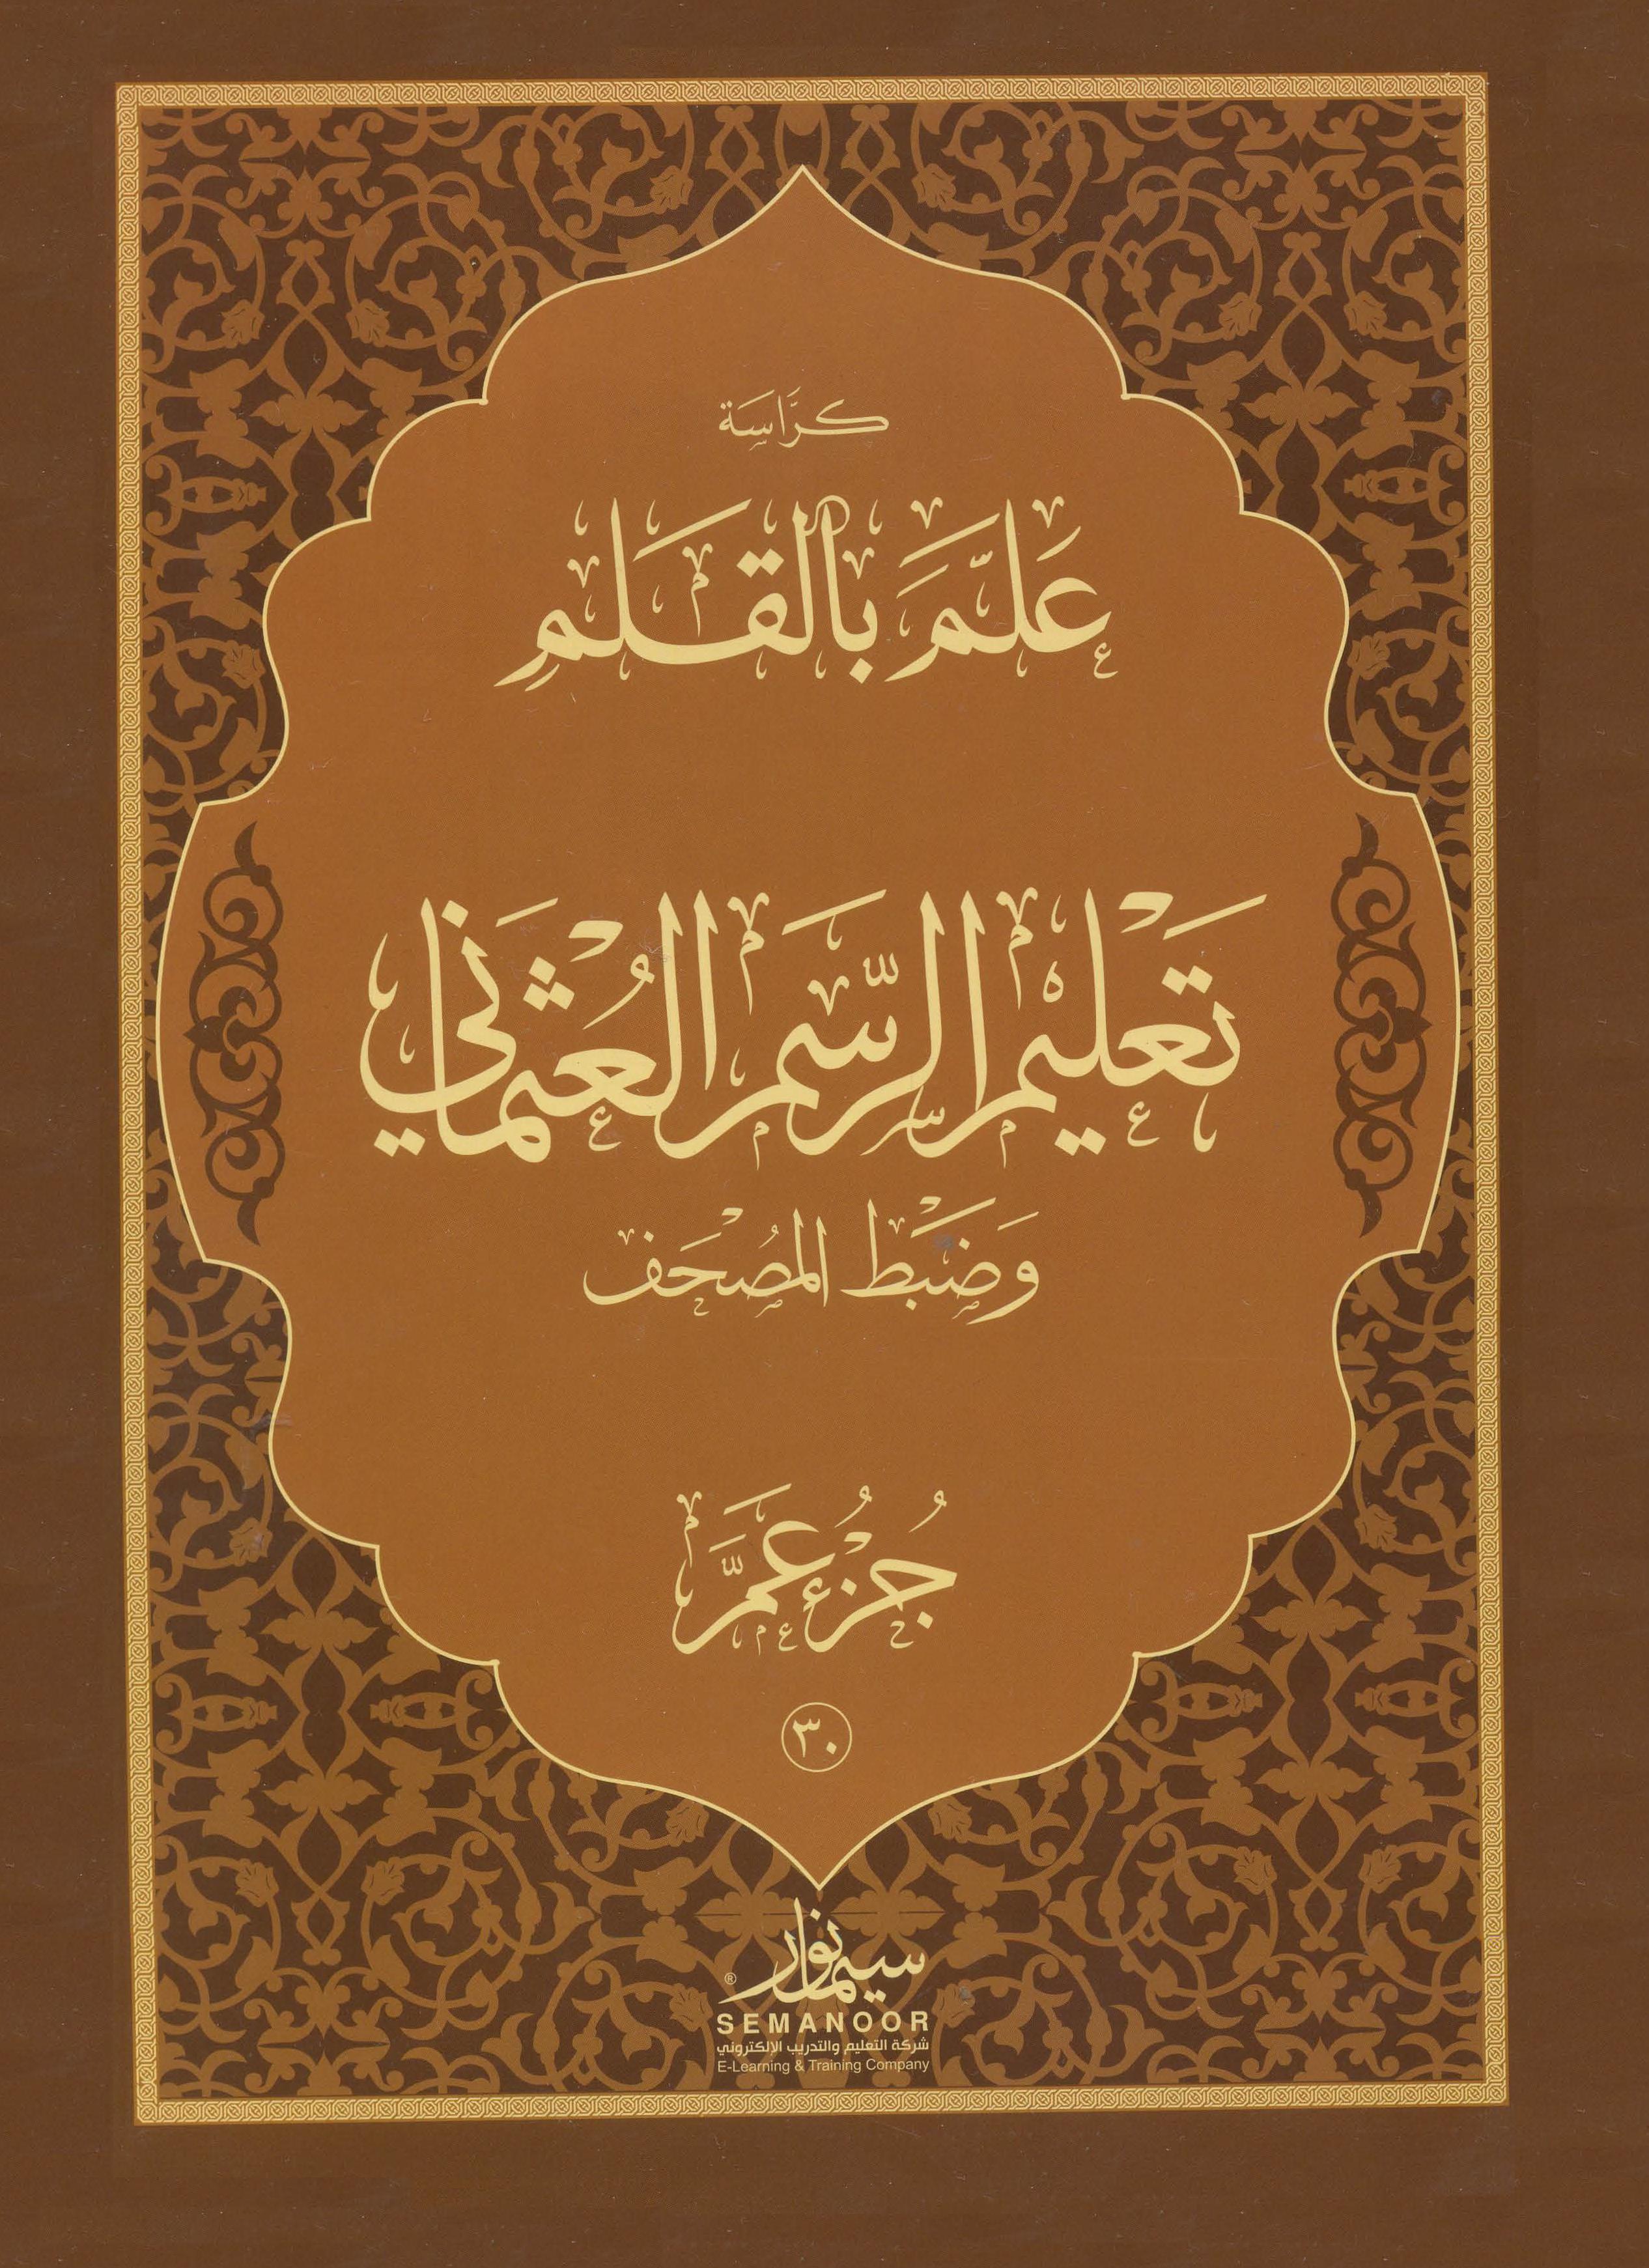 تحميل كتاب كراسة علّم بالقلم: تعليم الرسم العثماني وضبط المصحف (جزء عم) لـِ: عماد بن فهد بن سعود الدغيثر